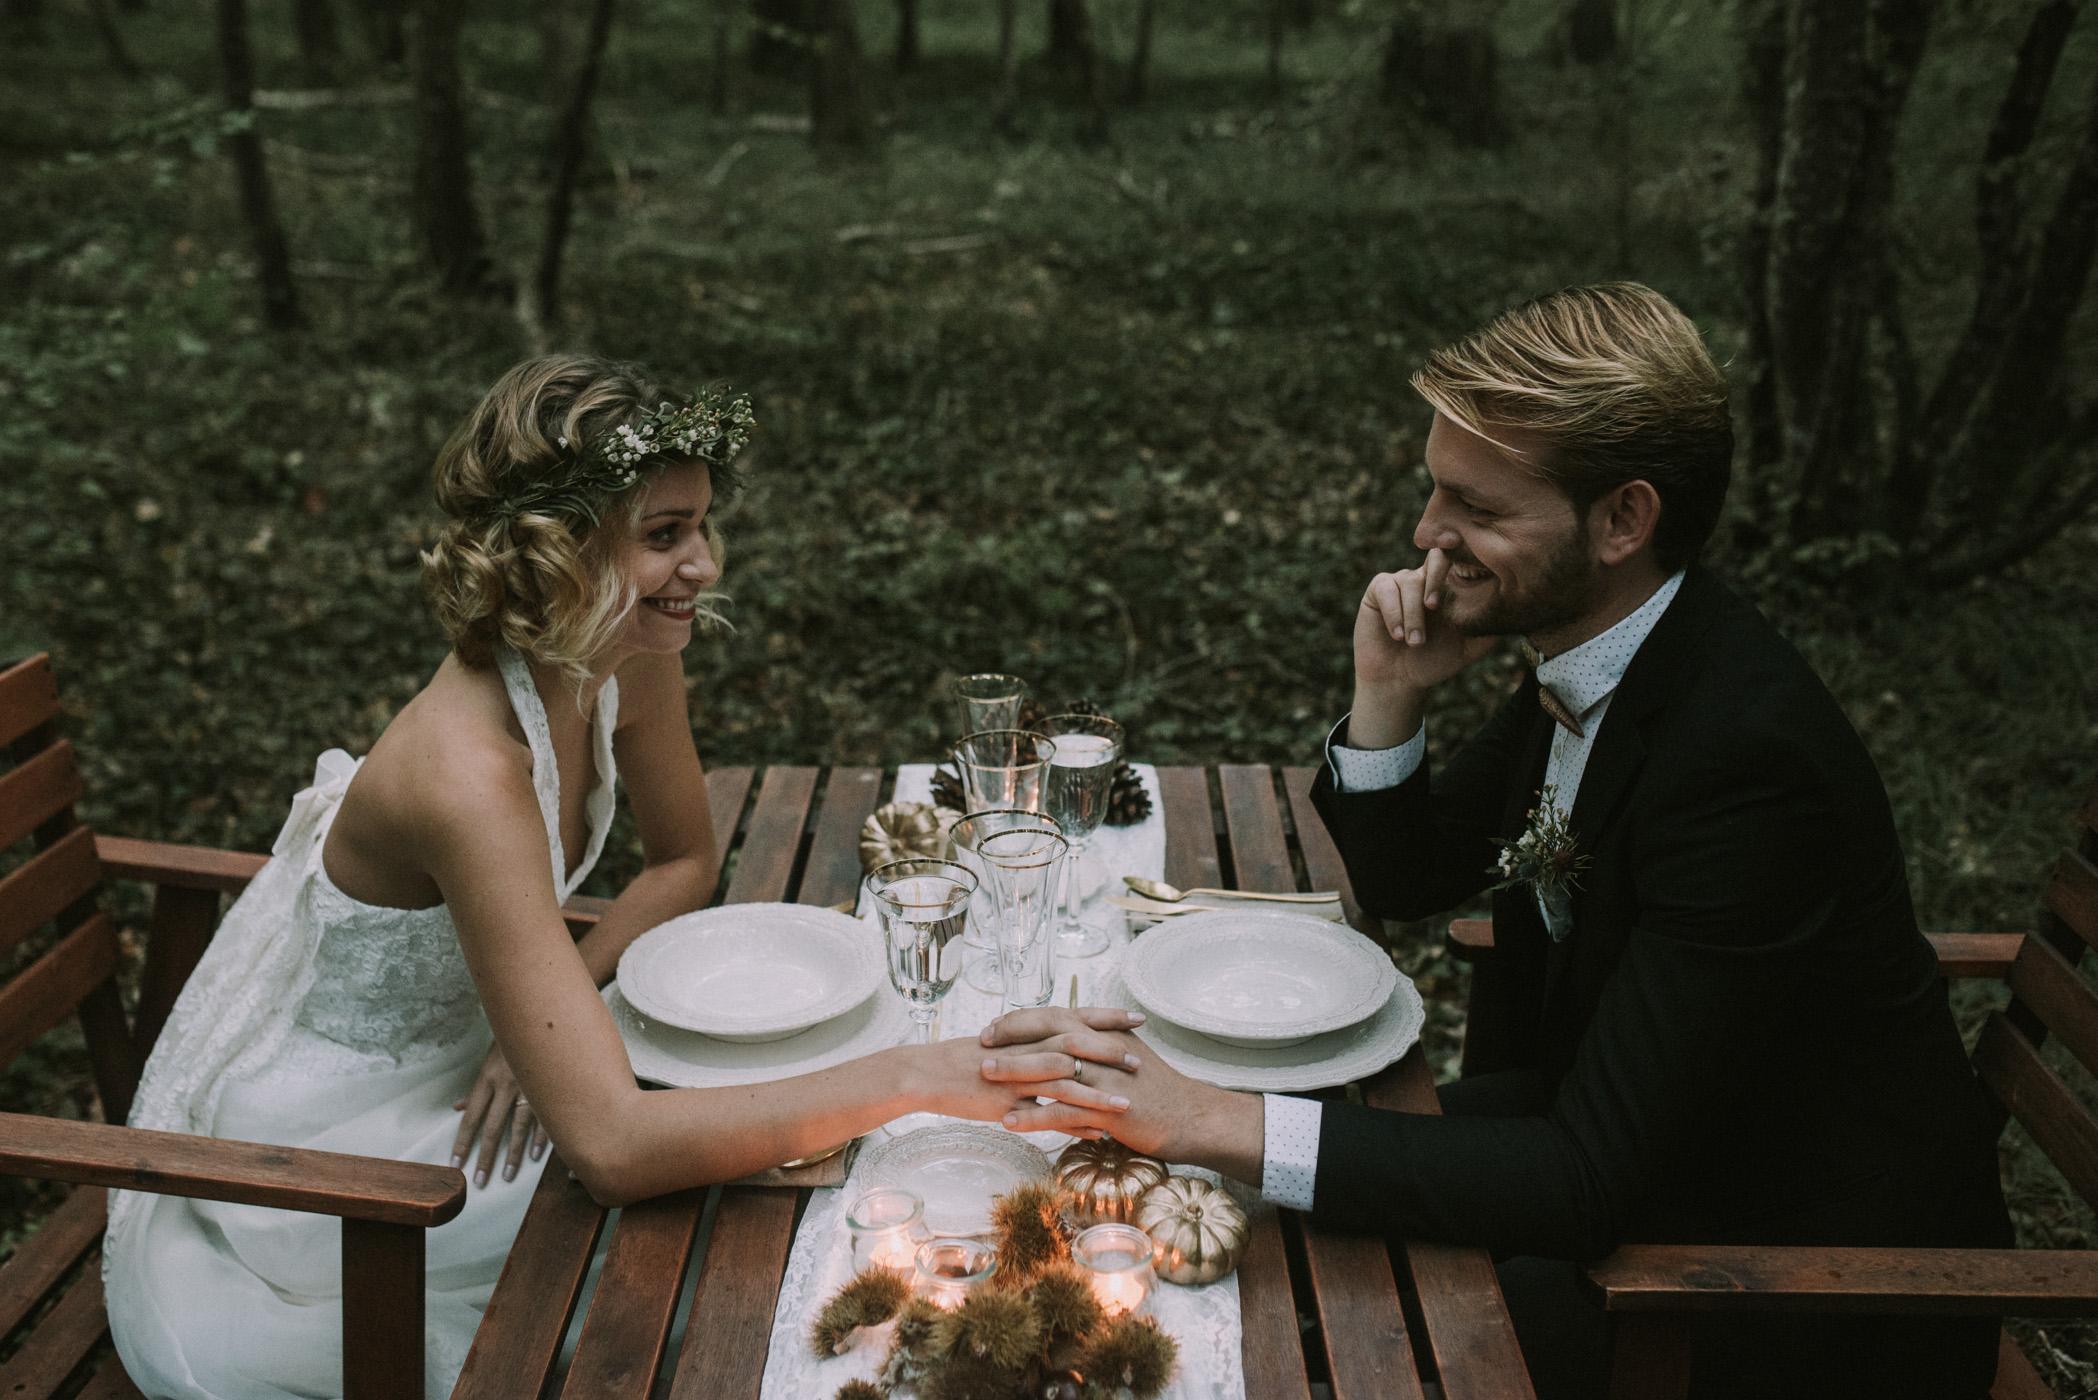 sun-drops-down-shooting-dinspiration-automnal-sous-les-bois-en-dordogne-blog-mariage-la-mariee-sous-les-etoiles-photo-mira-al-pajarito-29